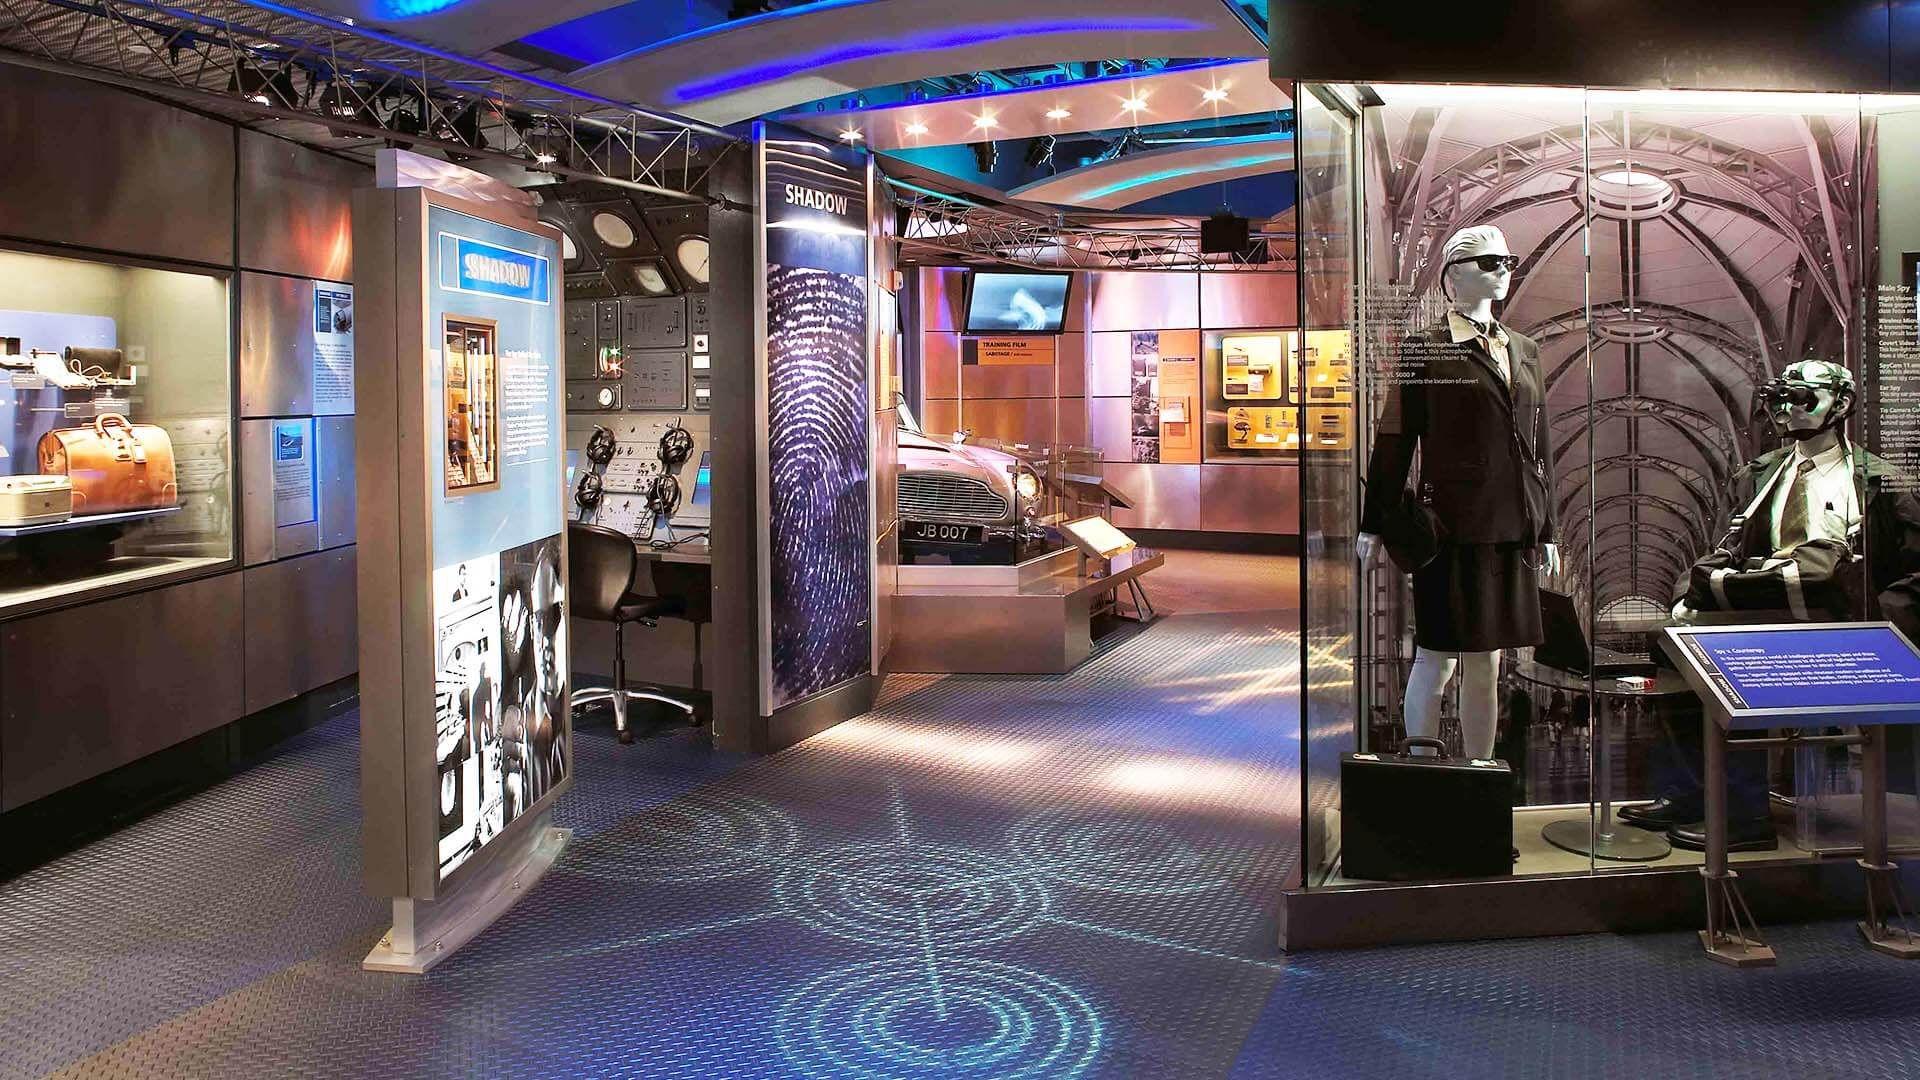 Uluslararası Casusluk Müzesi, Washington, DC, ABD